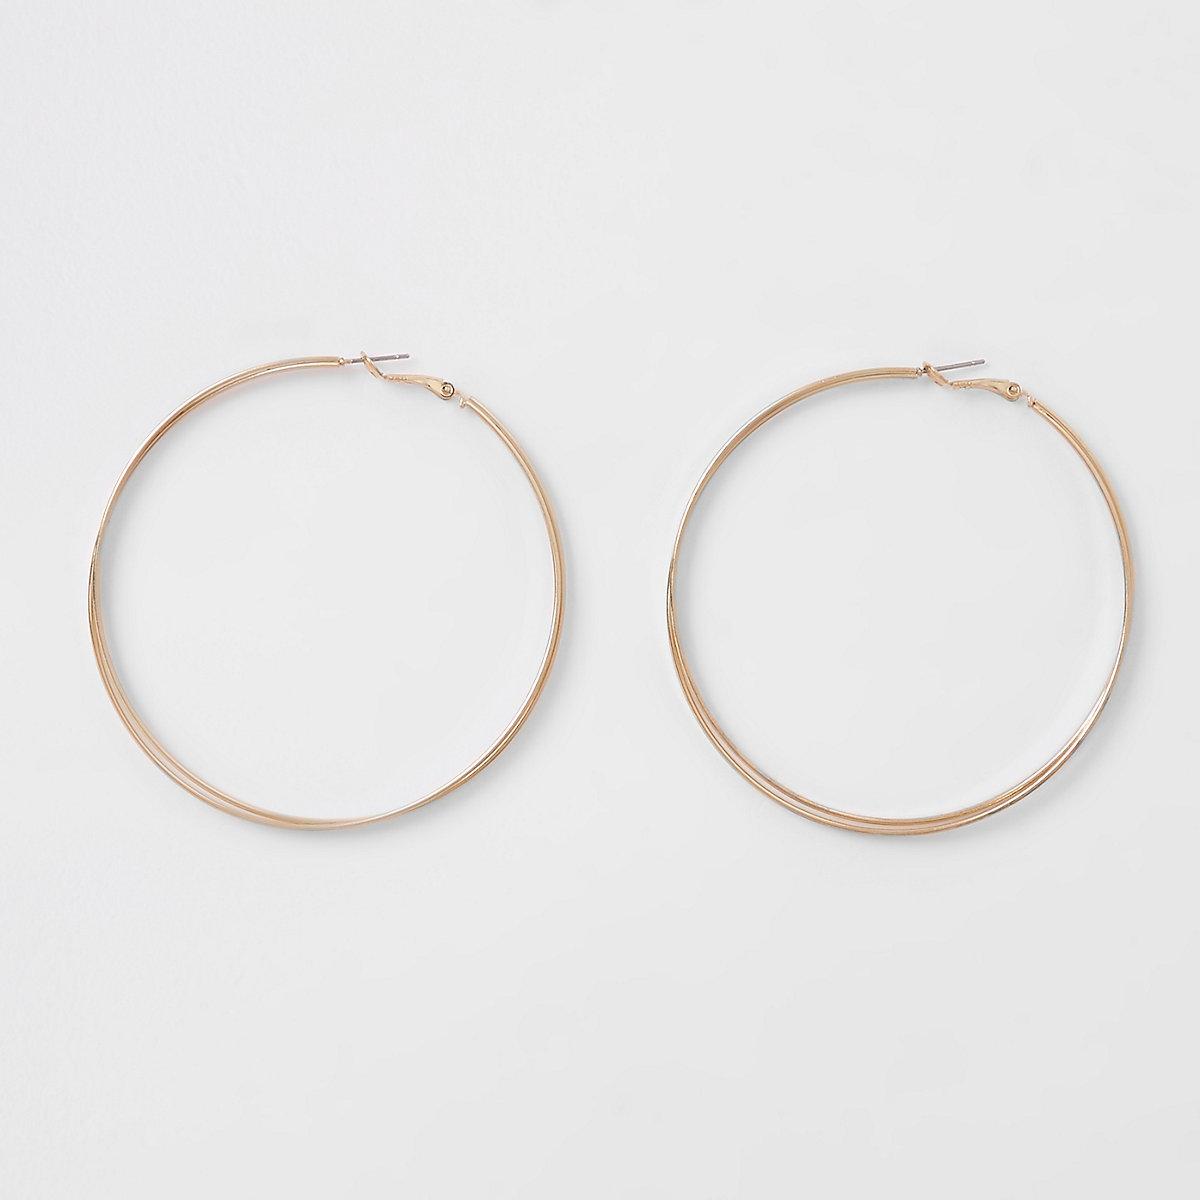 Gold tone interlinked hoop earrings